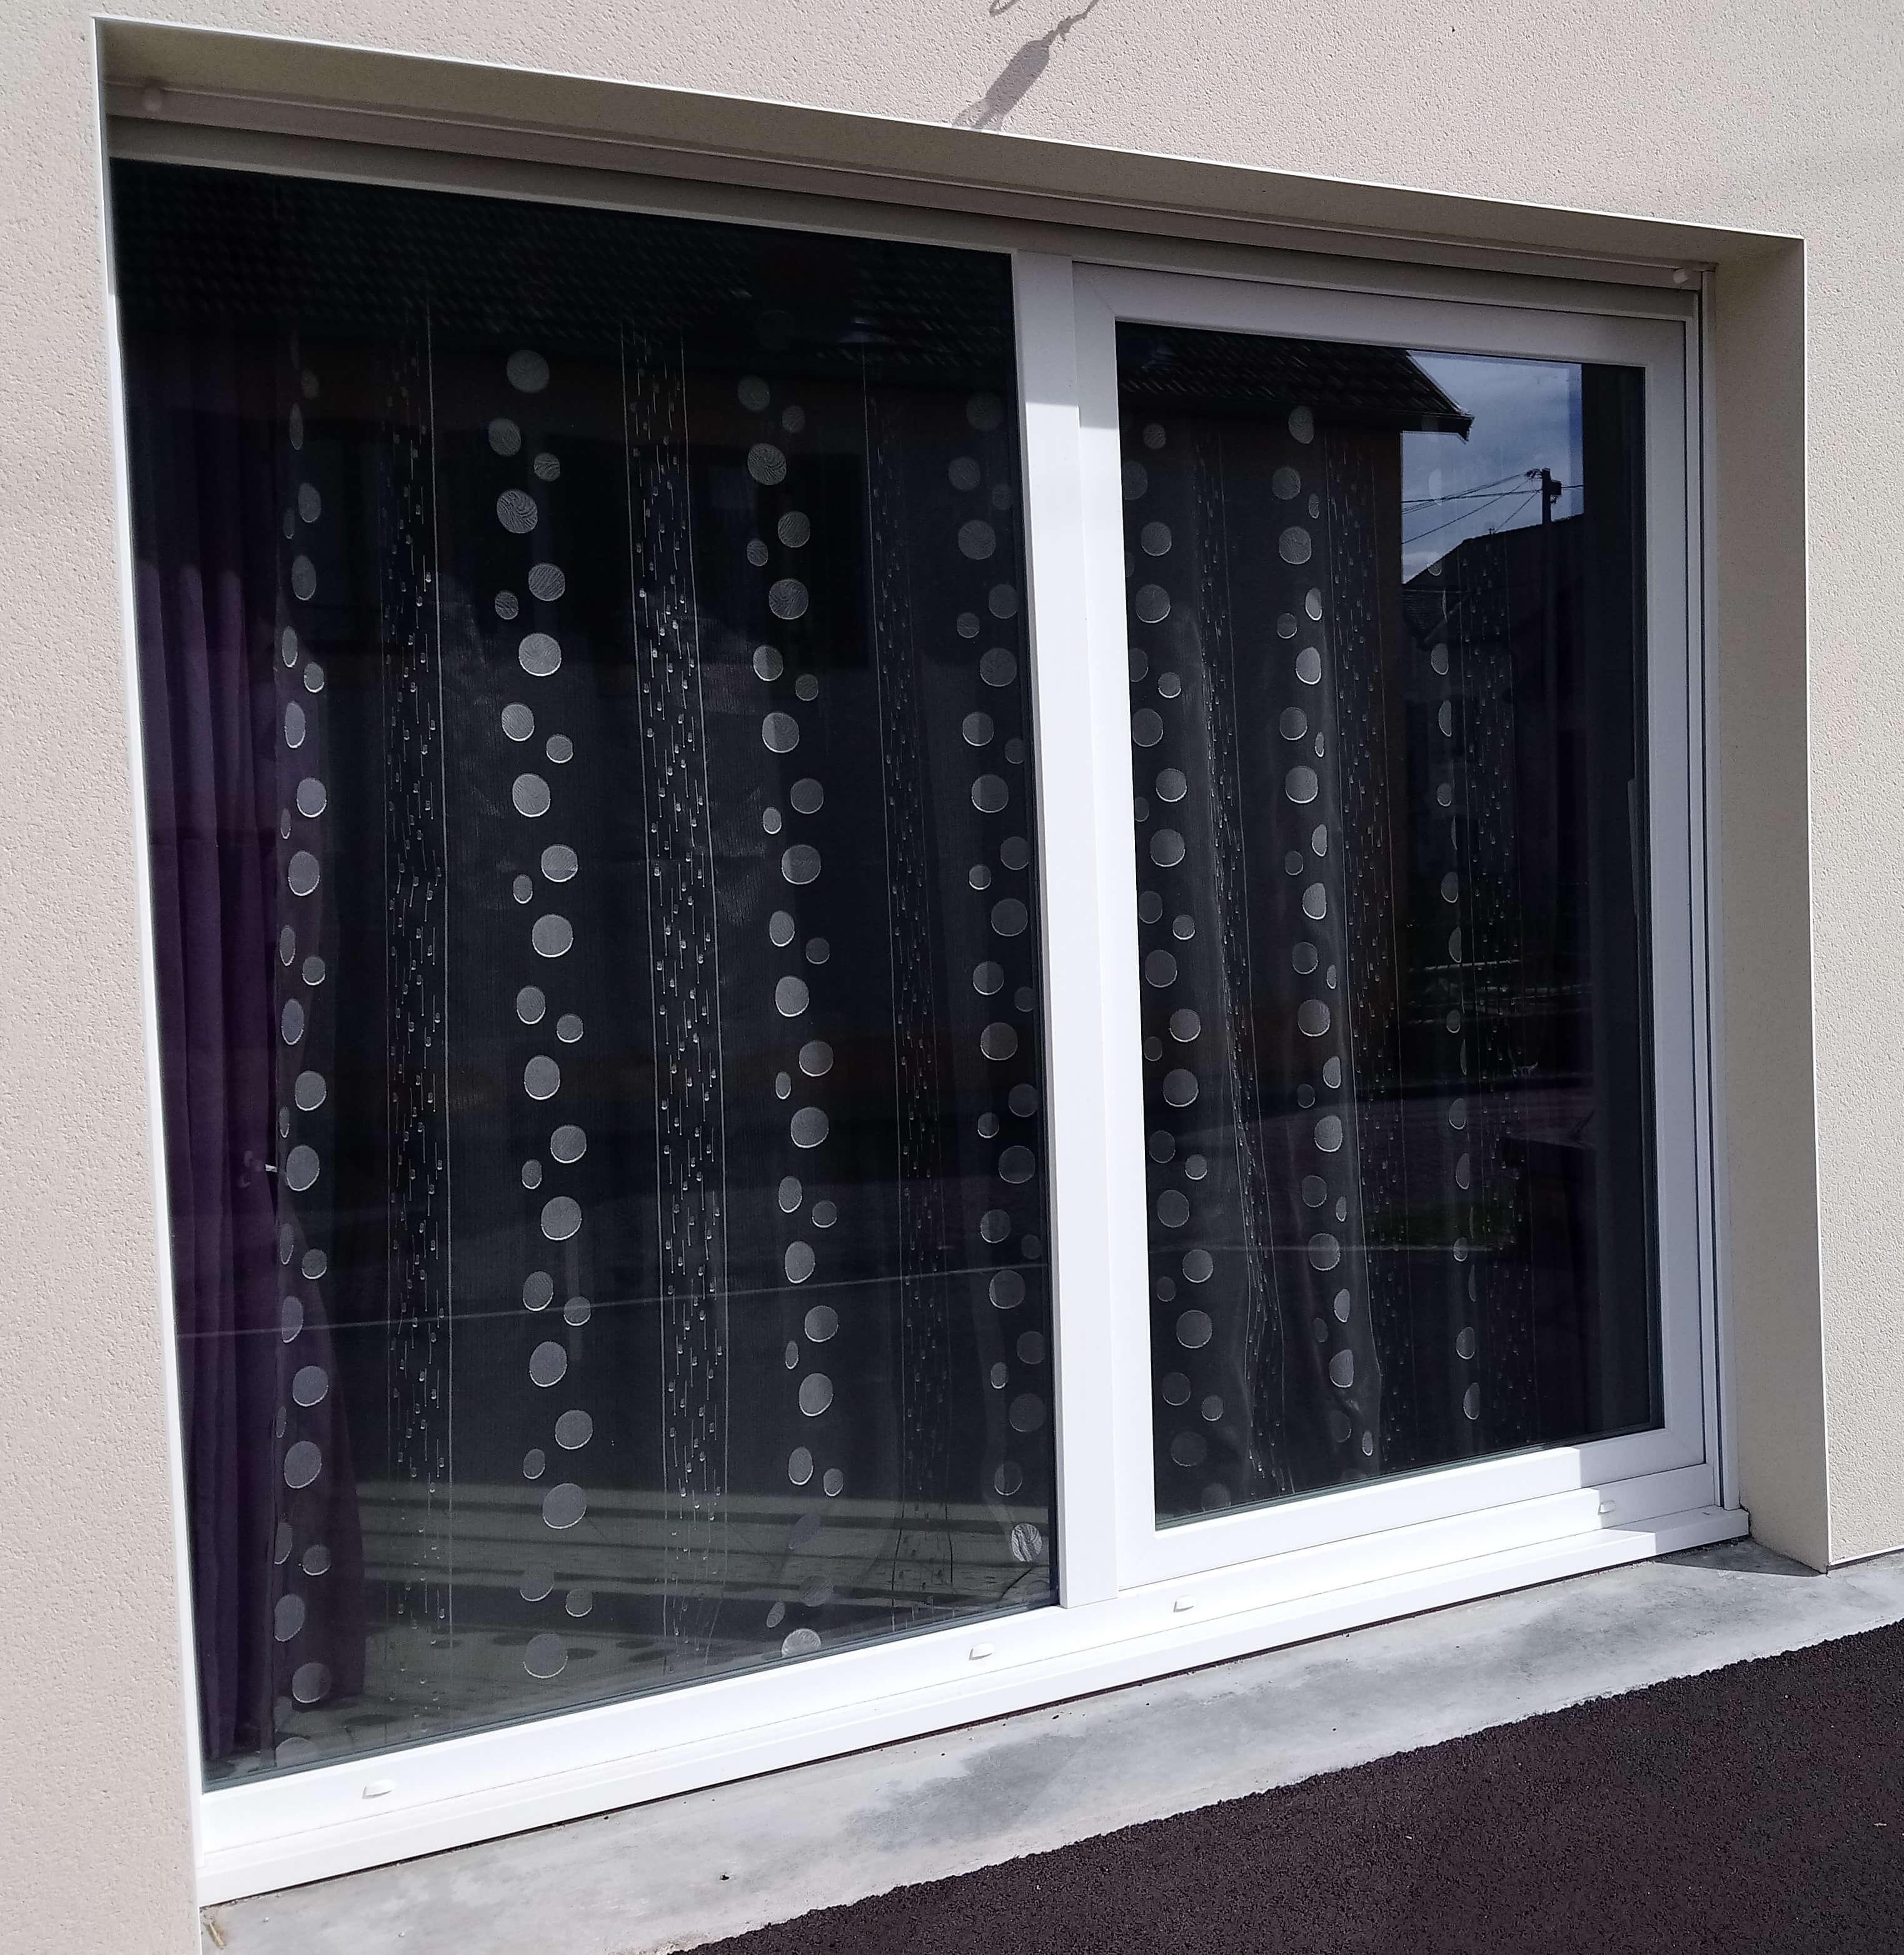 Menuiserie Figard - Fabrication sur mesure - Baie vitrée à translation - PVC - Vesoul